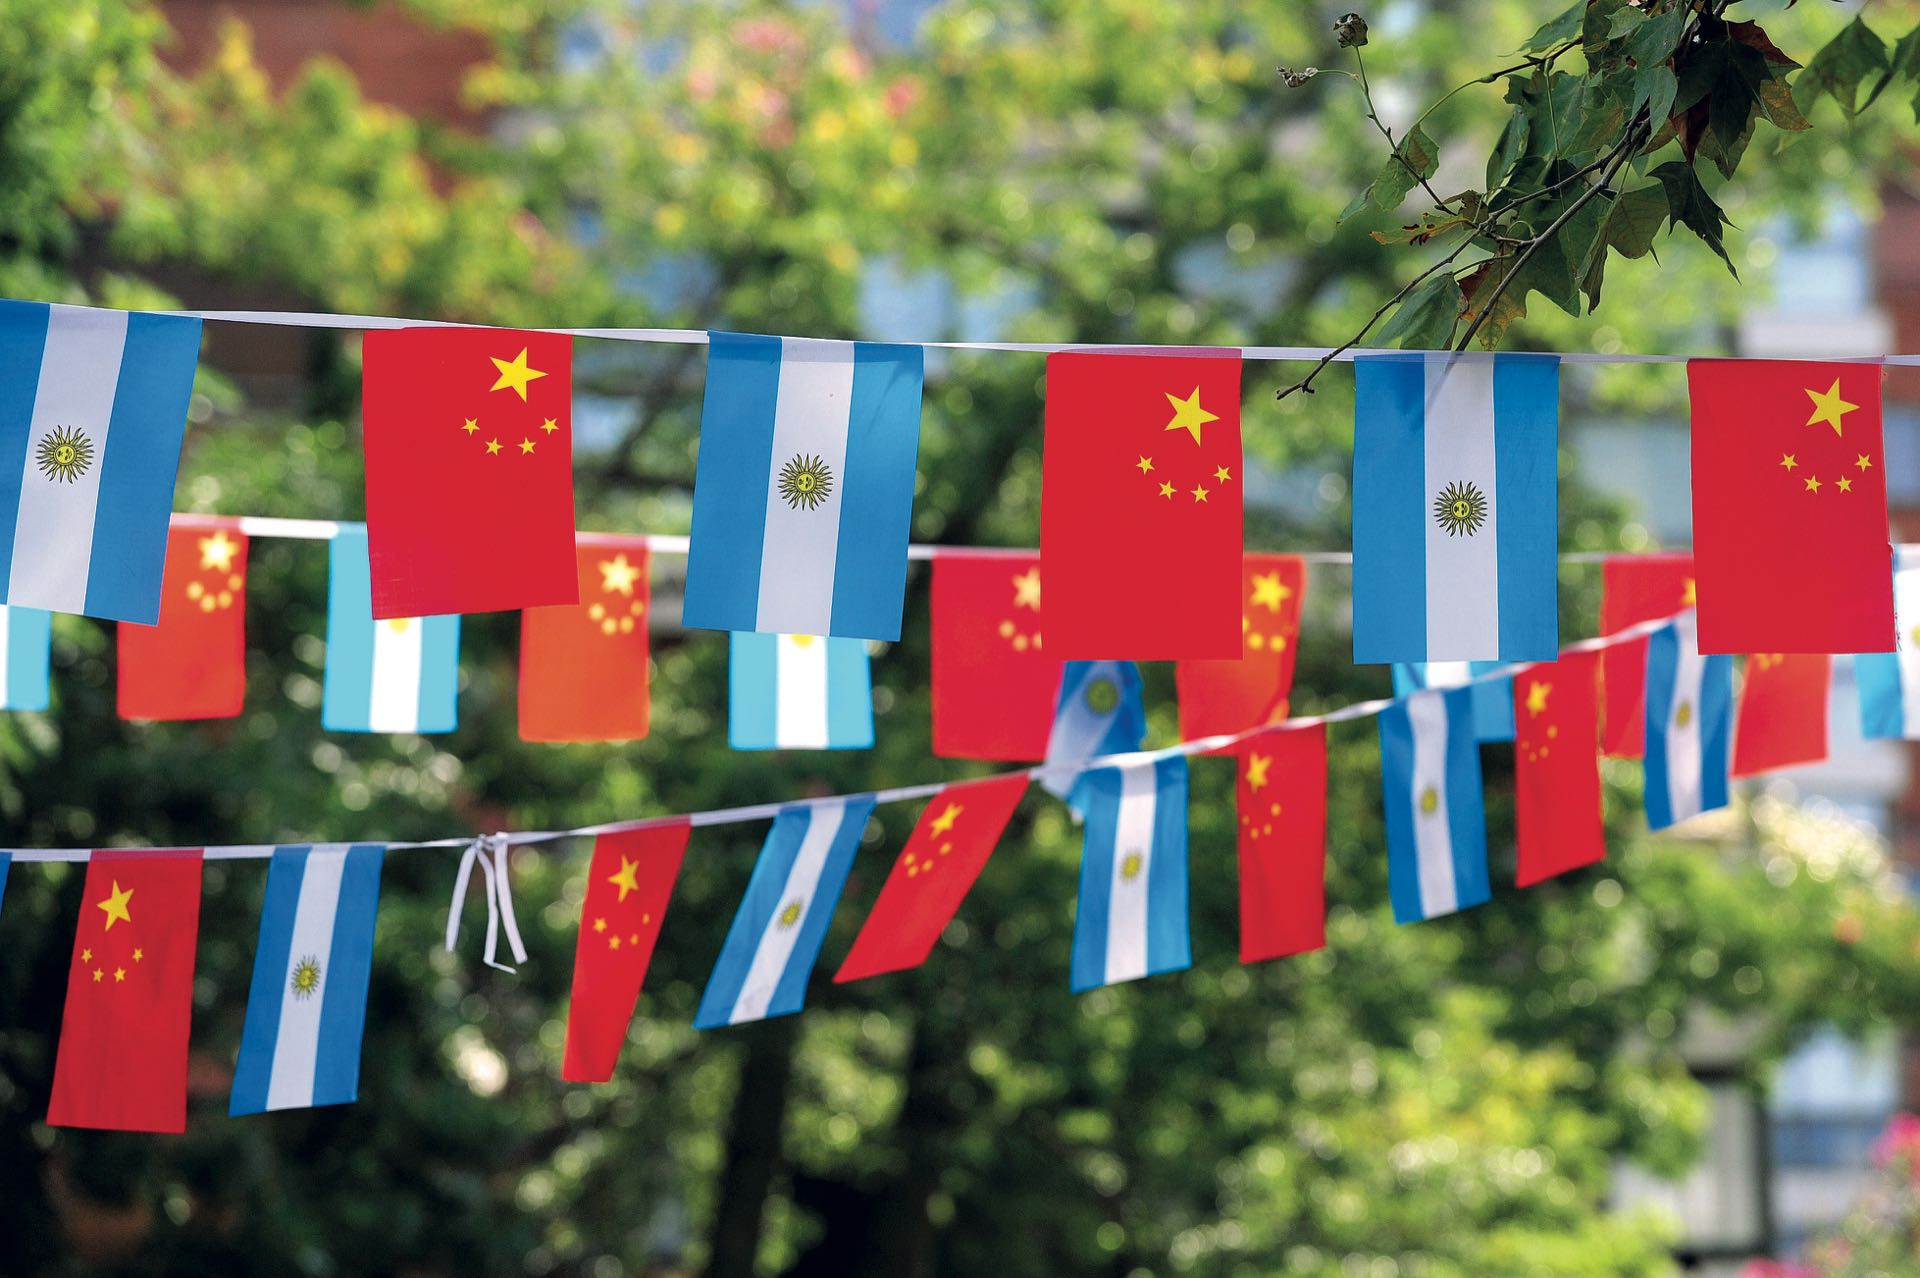 Para decorar el predio se usaron banderas de ambos países. (Fotos: Fabián Mattiazzi y Télam)